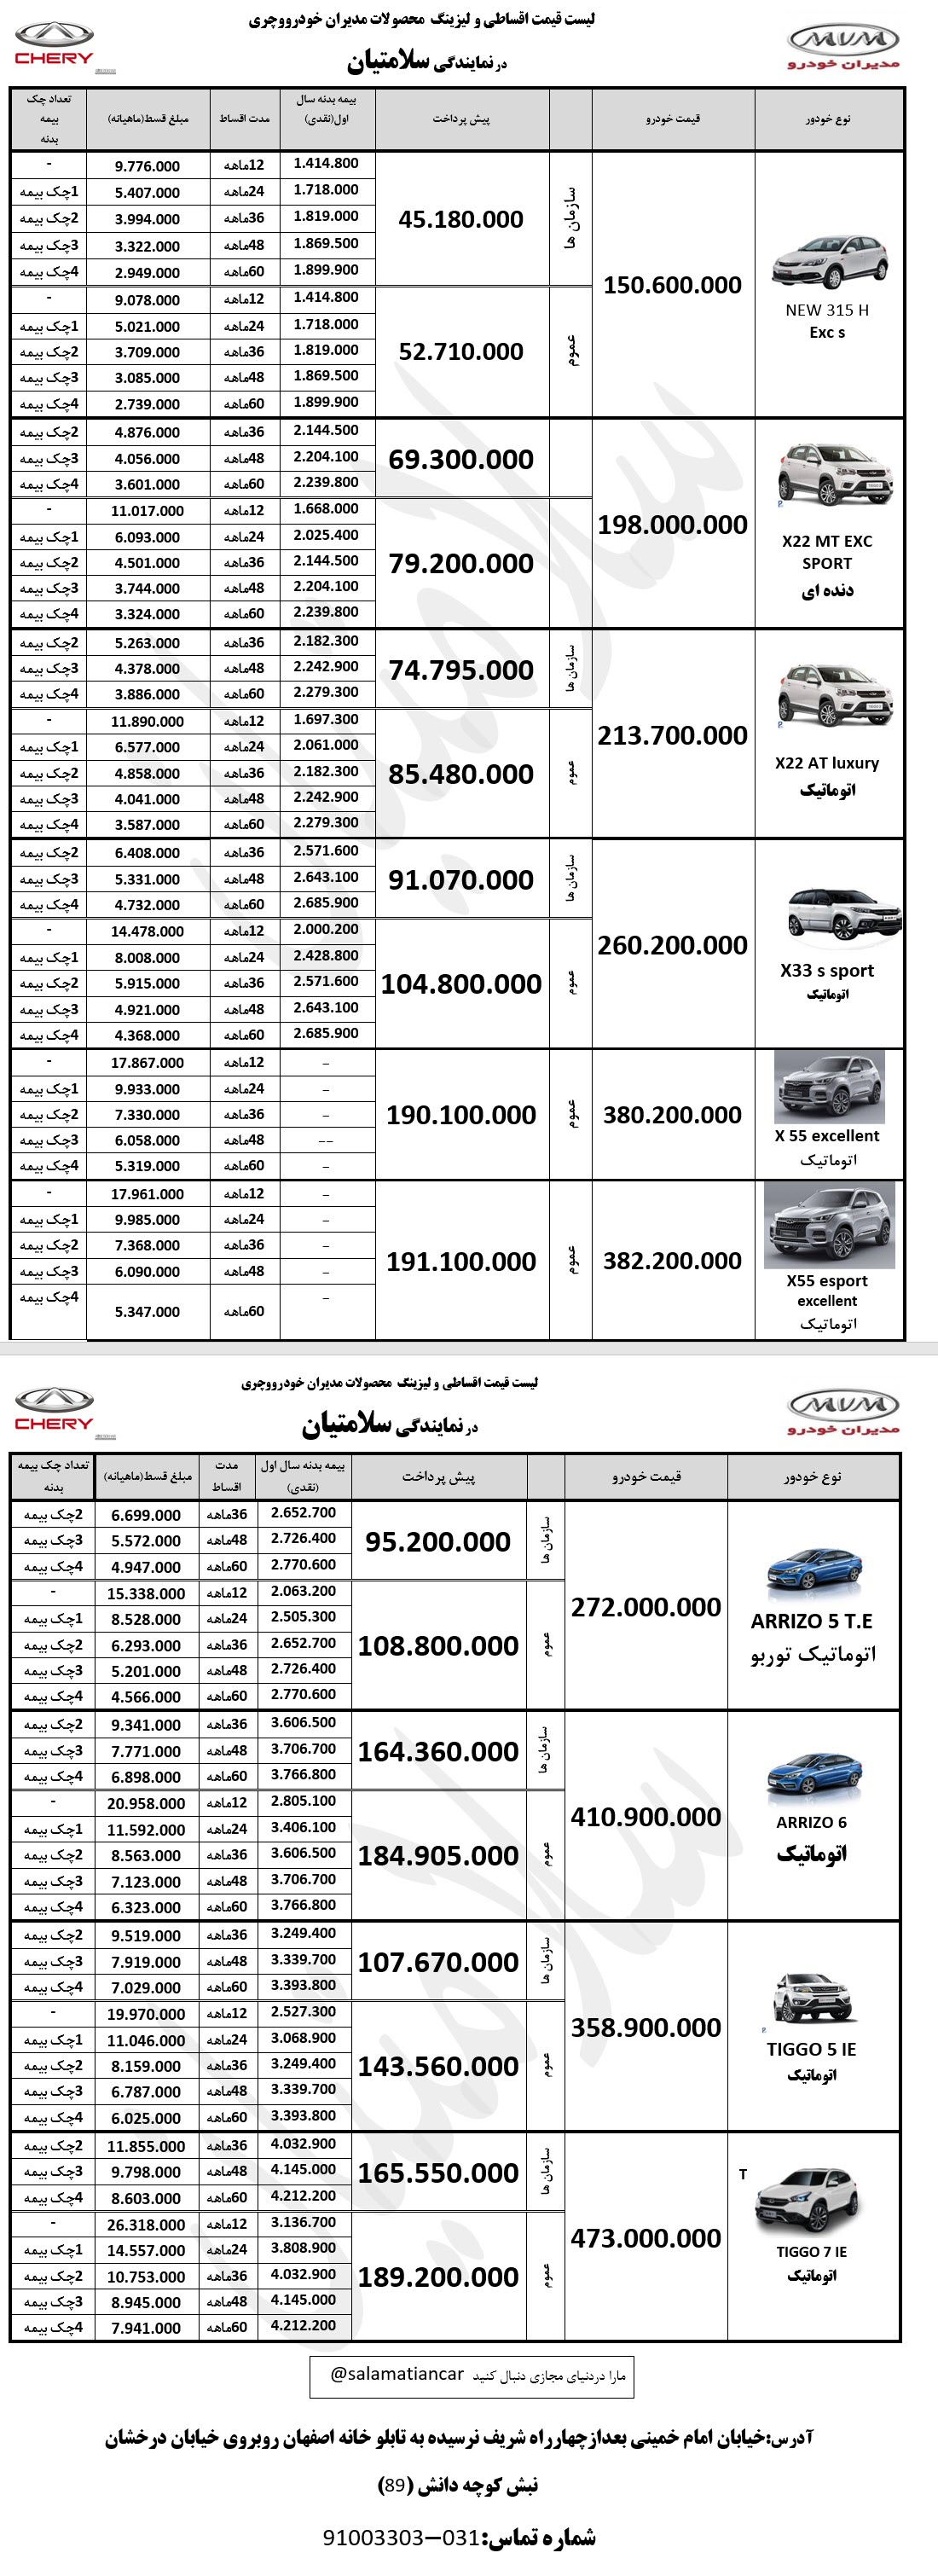 شرایط فروش و قیمت خرید MvM و Chery